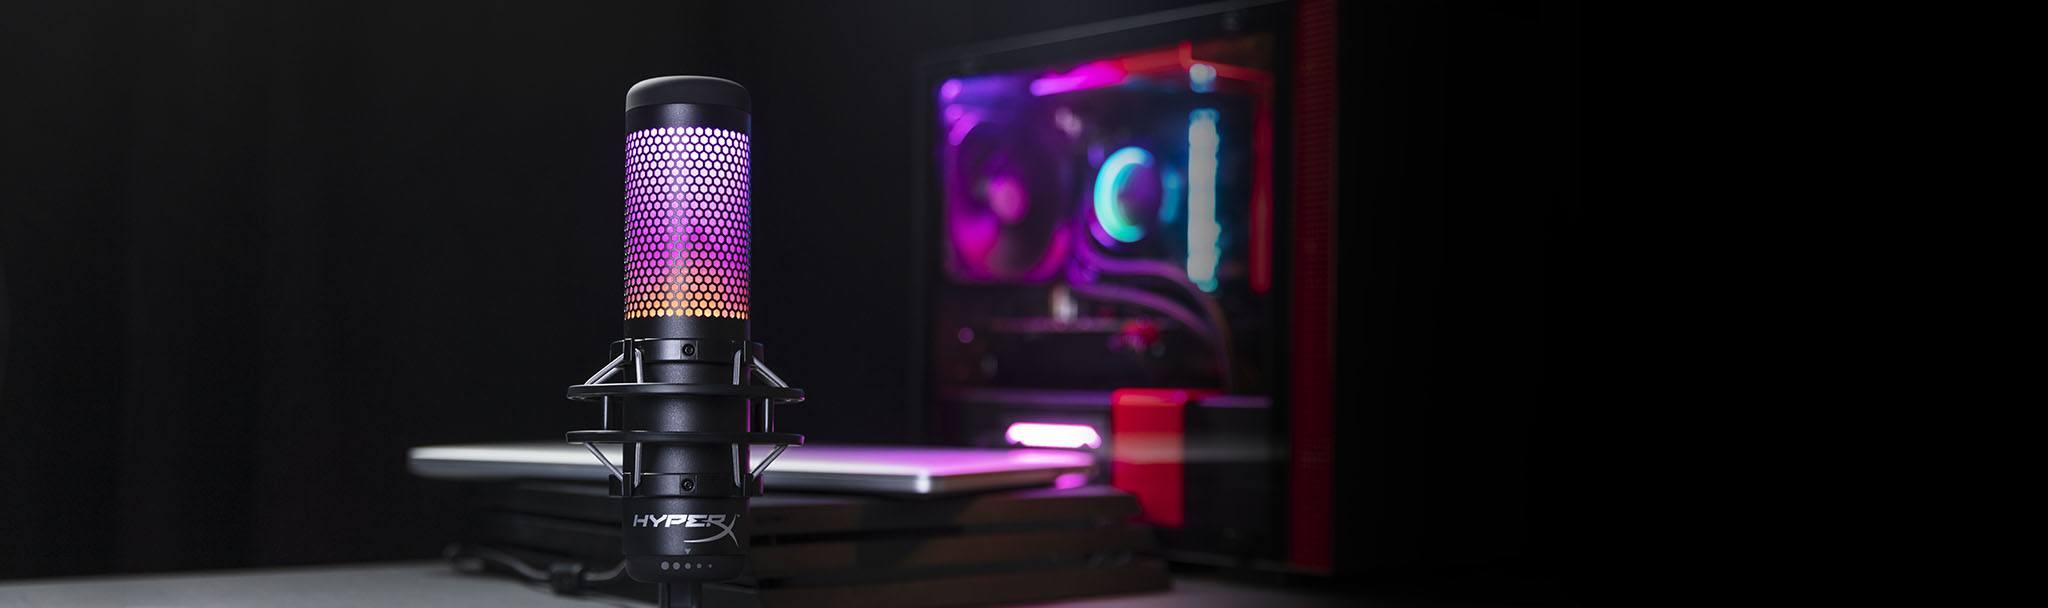 Microphone Kingston HyperX QuadCast S RGB - HMIQ1S-XX-RG/G tương thích với nhiều thiết bị console/PC để livestream